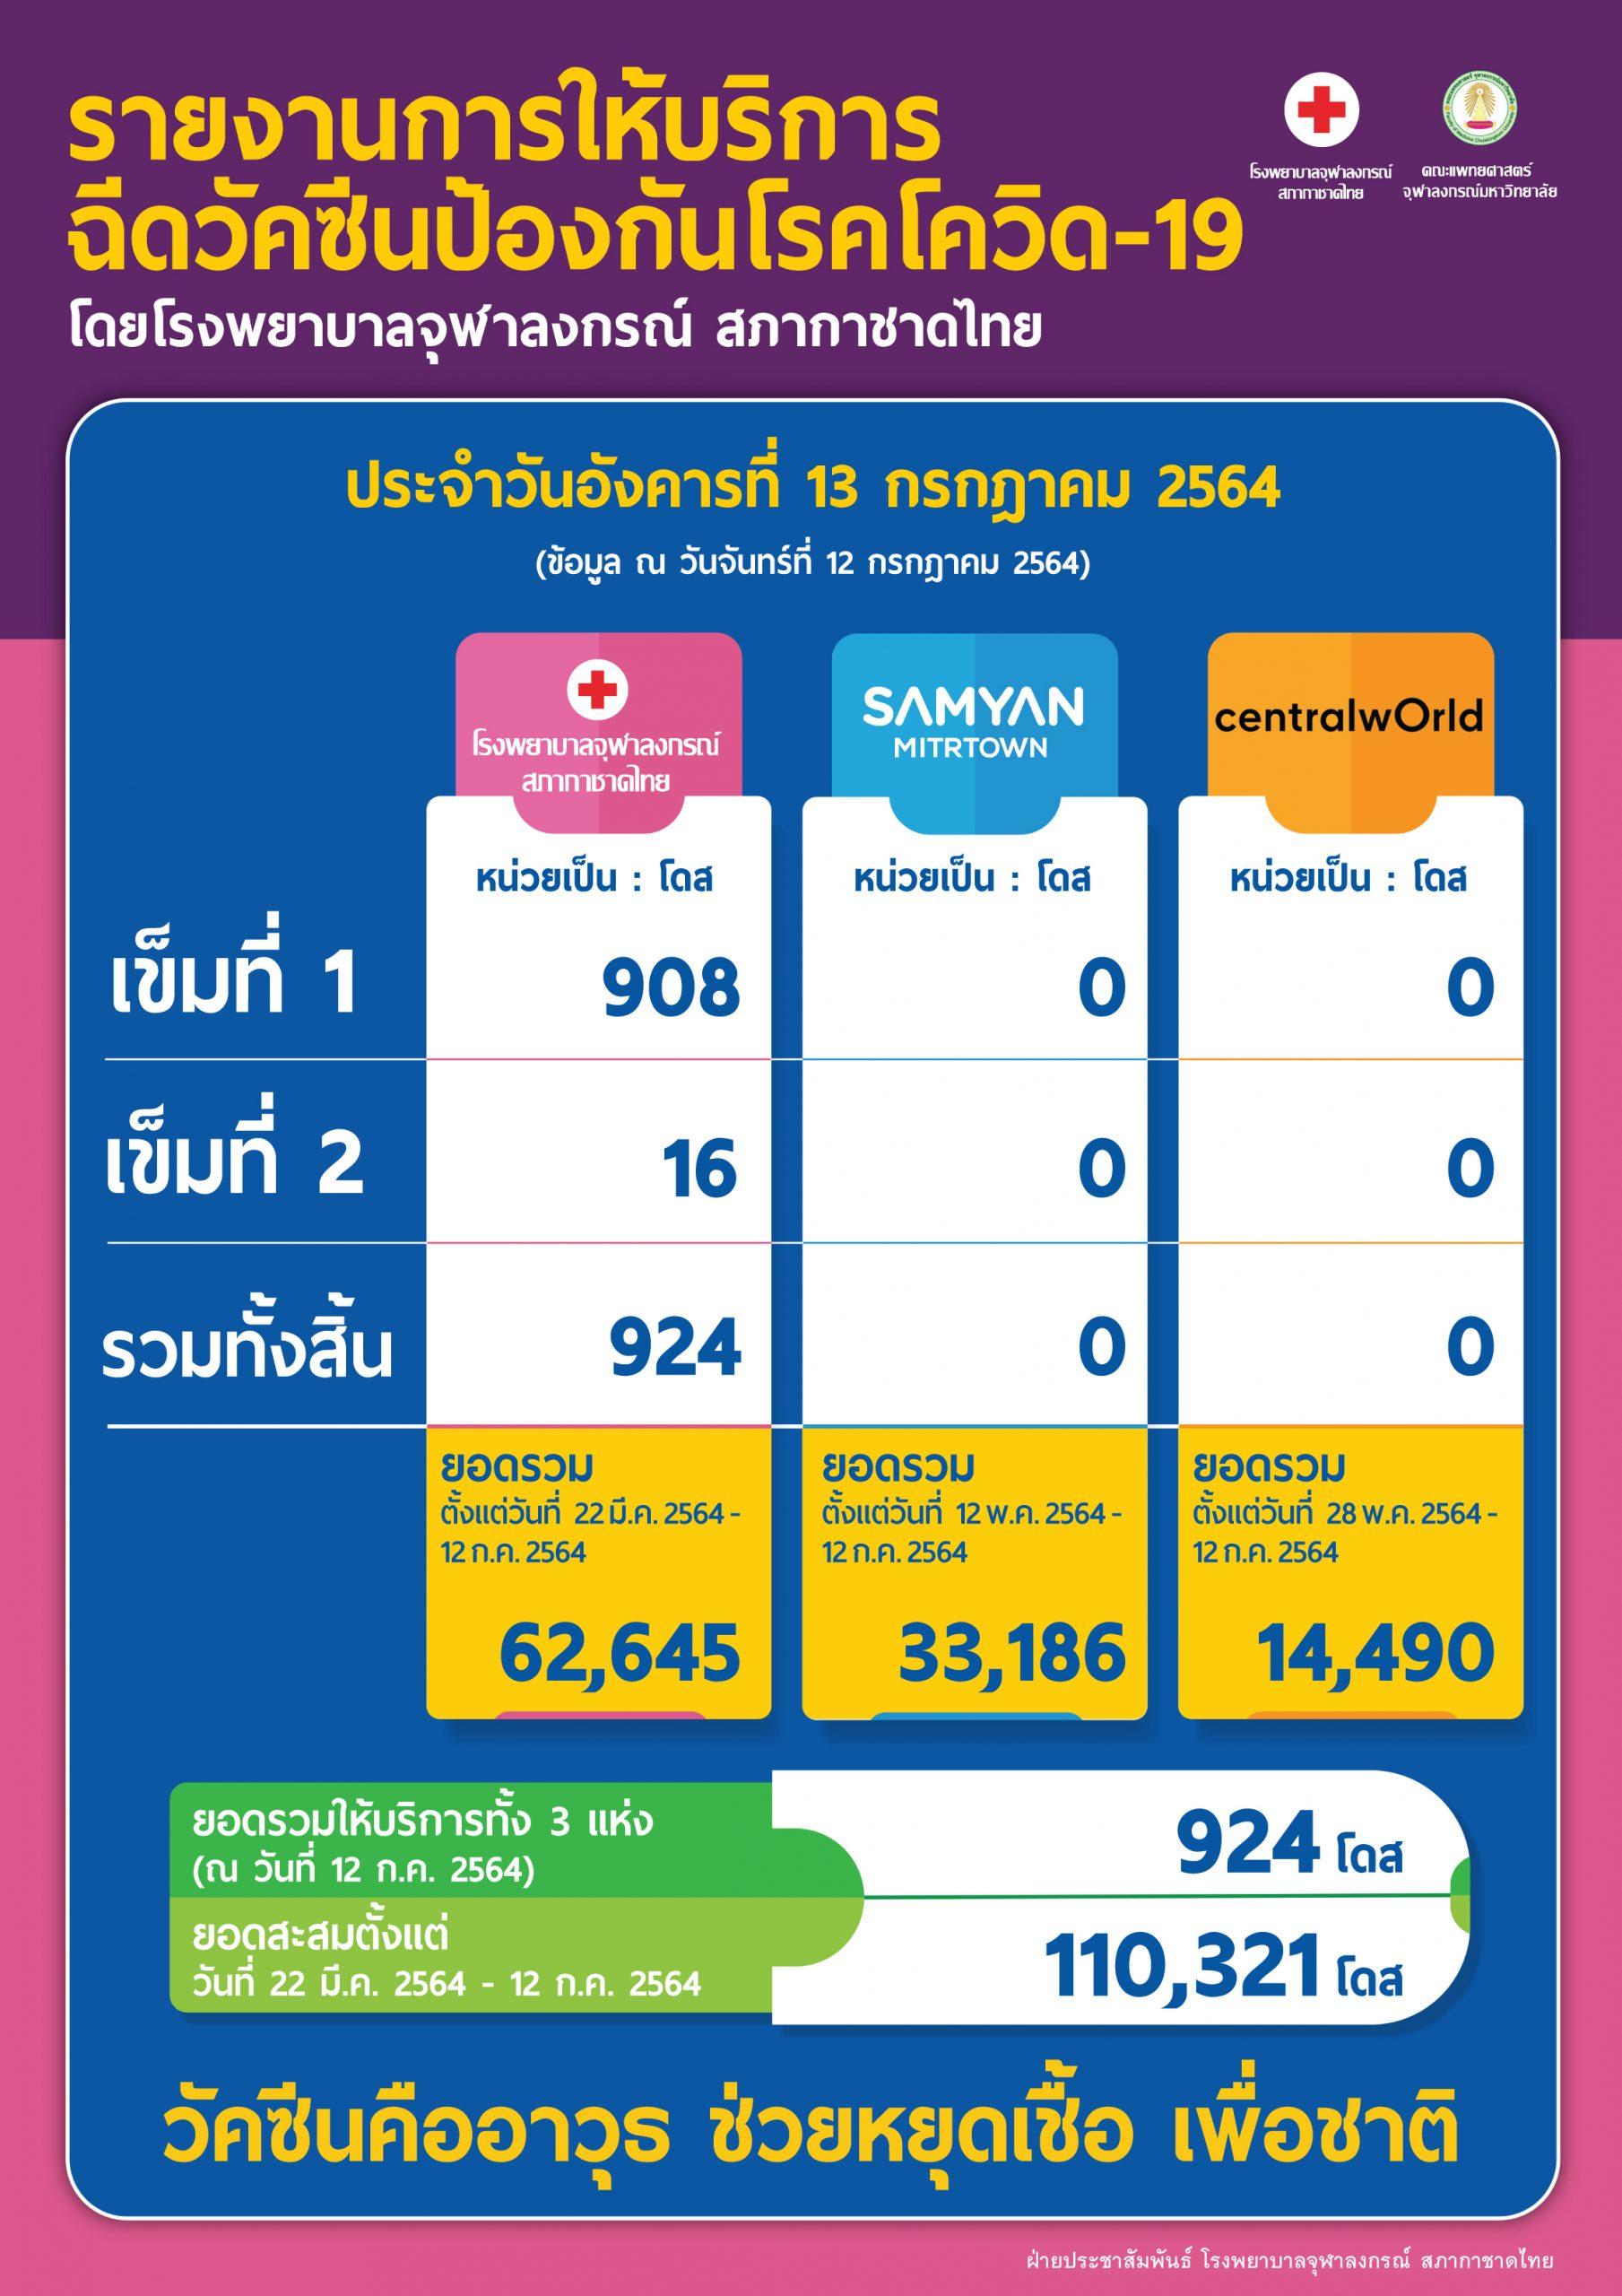 รายงานการให้บริการฉีดวัคซีนป้องกันโรคโควิด-19โดยโรงพยาบาลจุฬาลงกรณ์ สภากาชาดไทย ประจำวันอังคารที่ 13 กรกฎาคม 2564